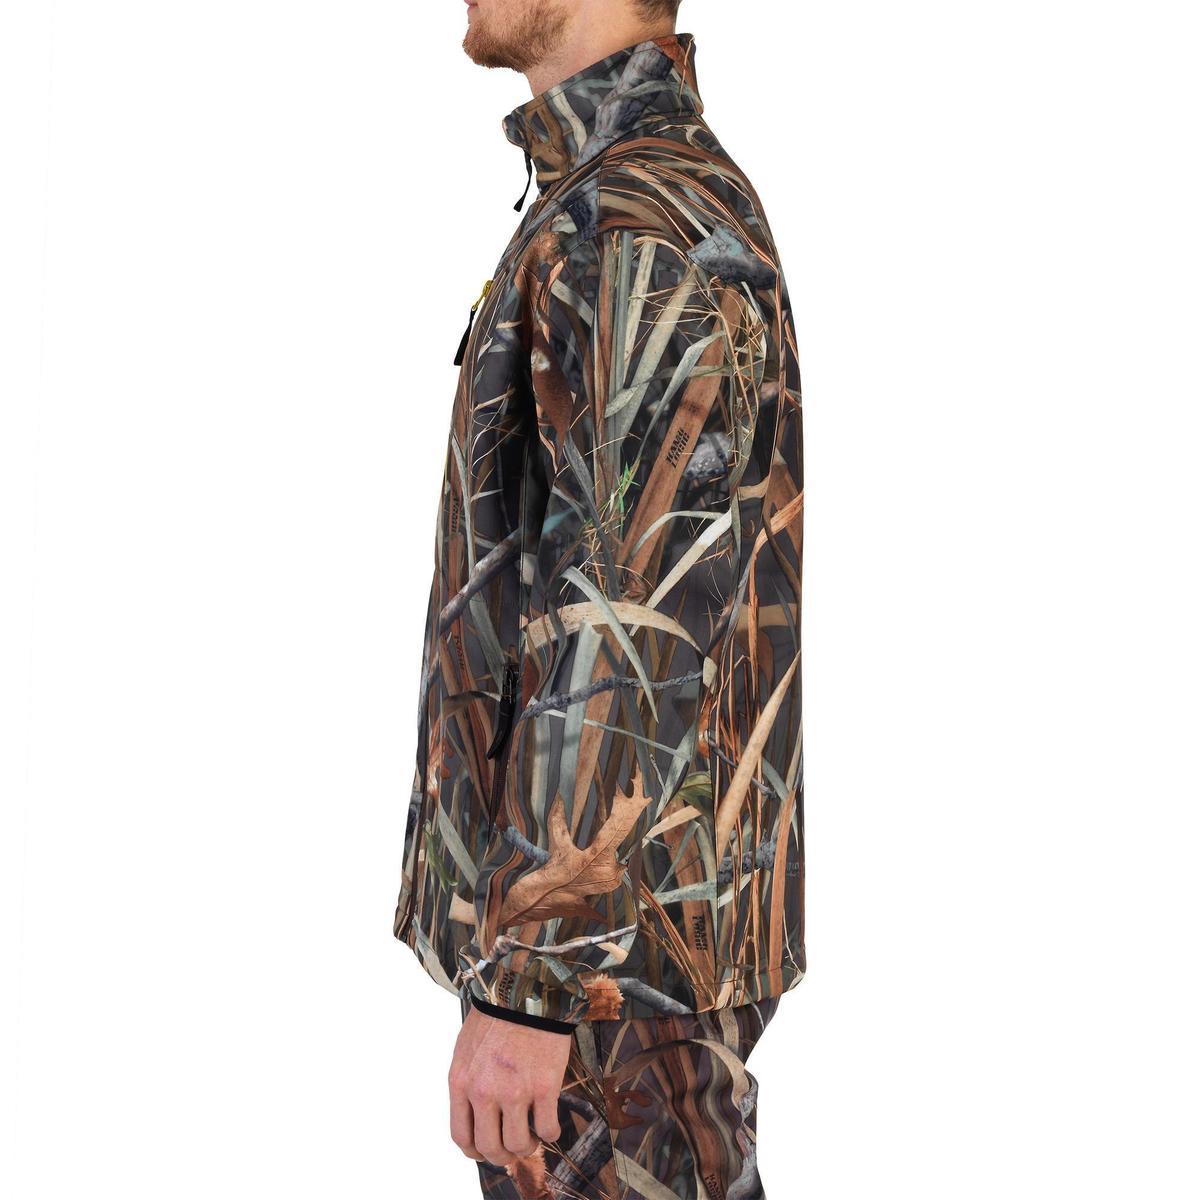 Bild 5 von Jagd-Softshelljacke 500 Duck Camouflage Schilf